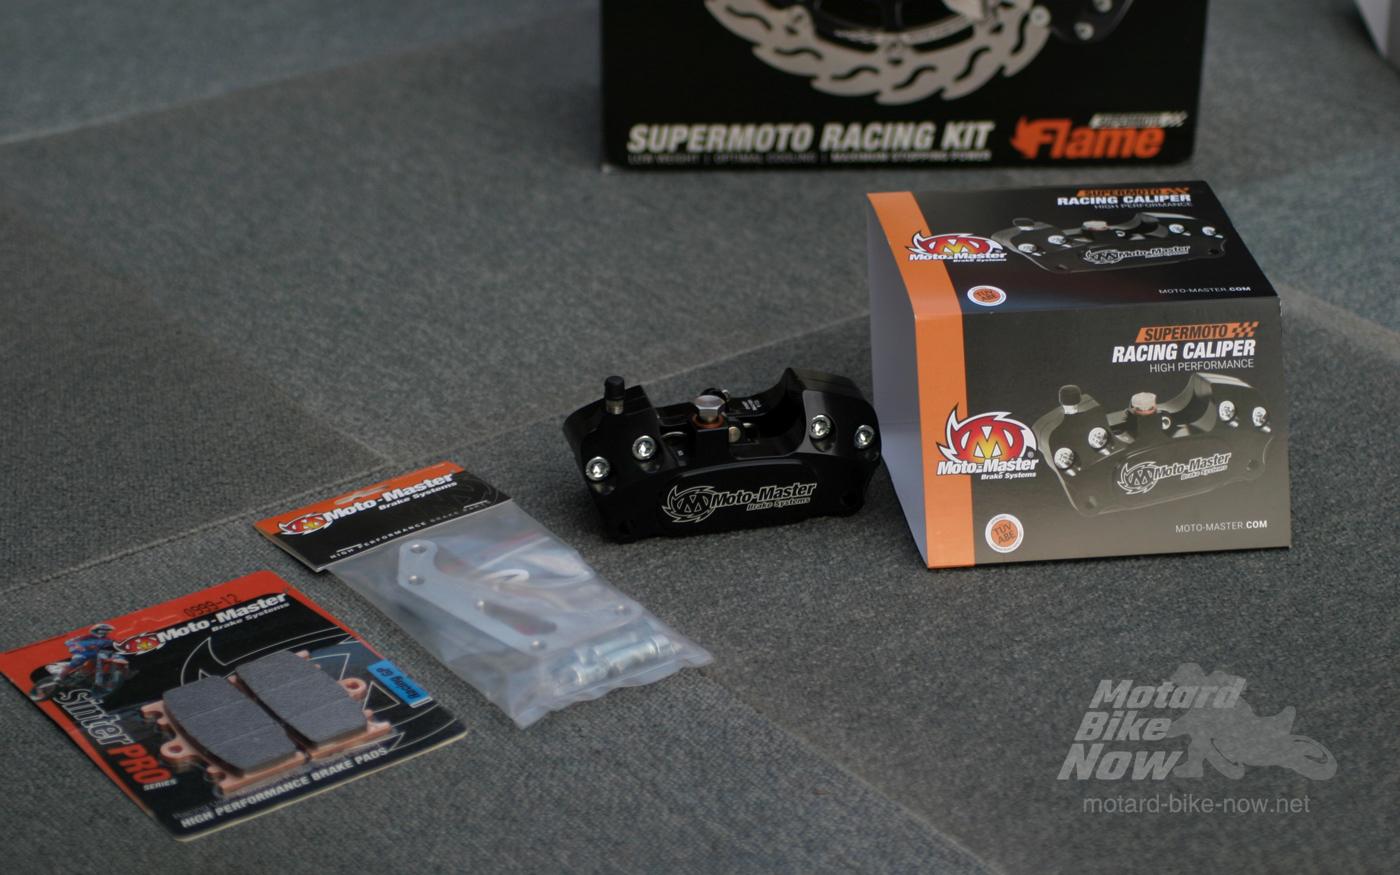 Moto-Master ビレット4ピストンスーパーモトキャリパー